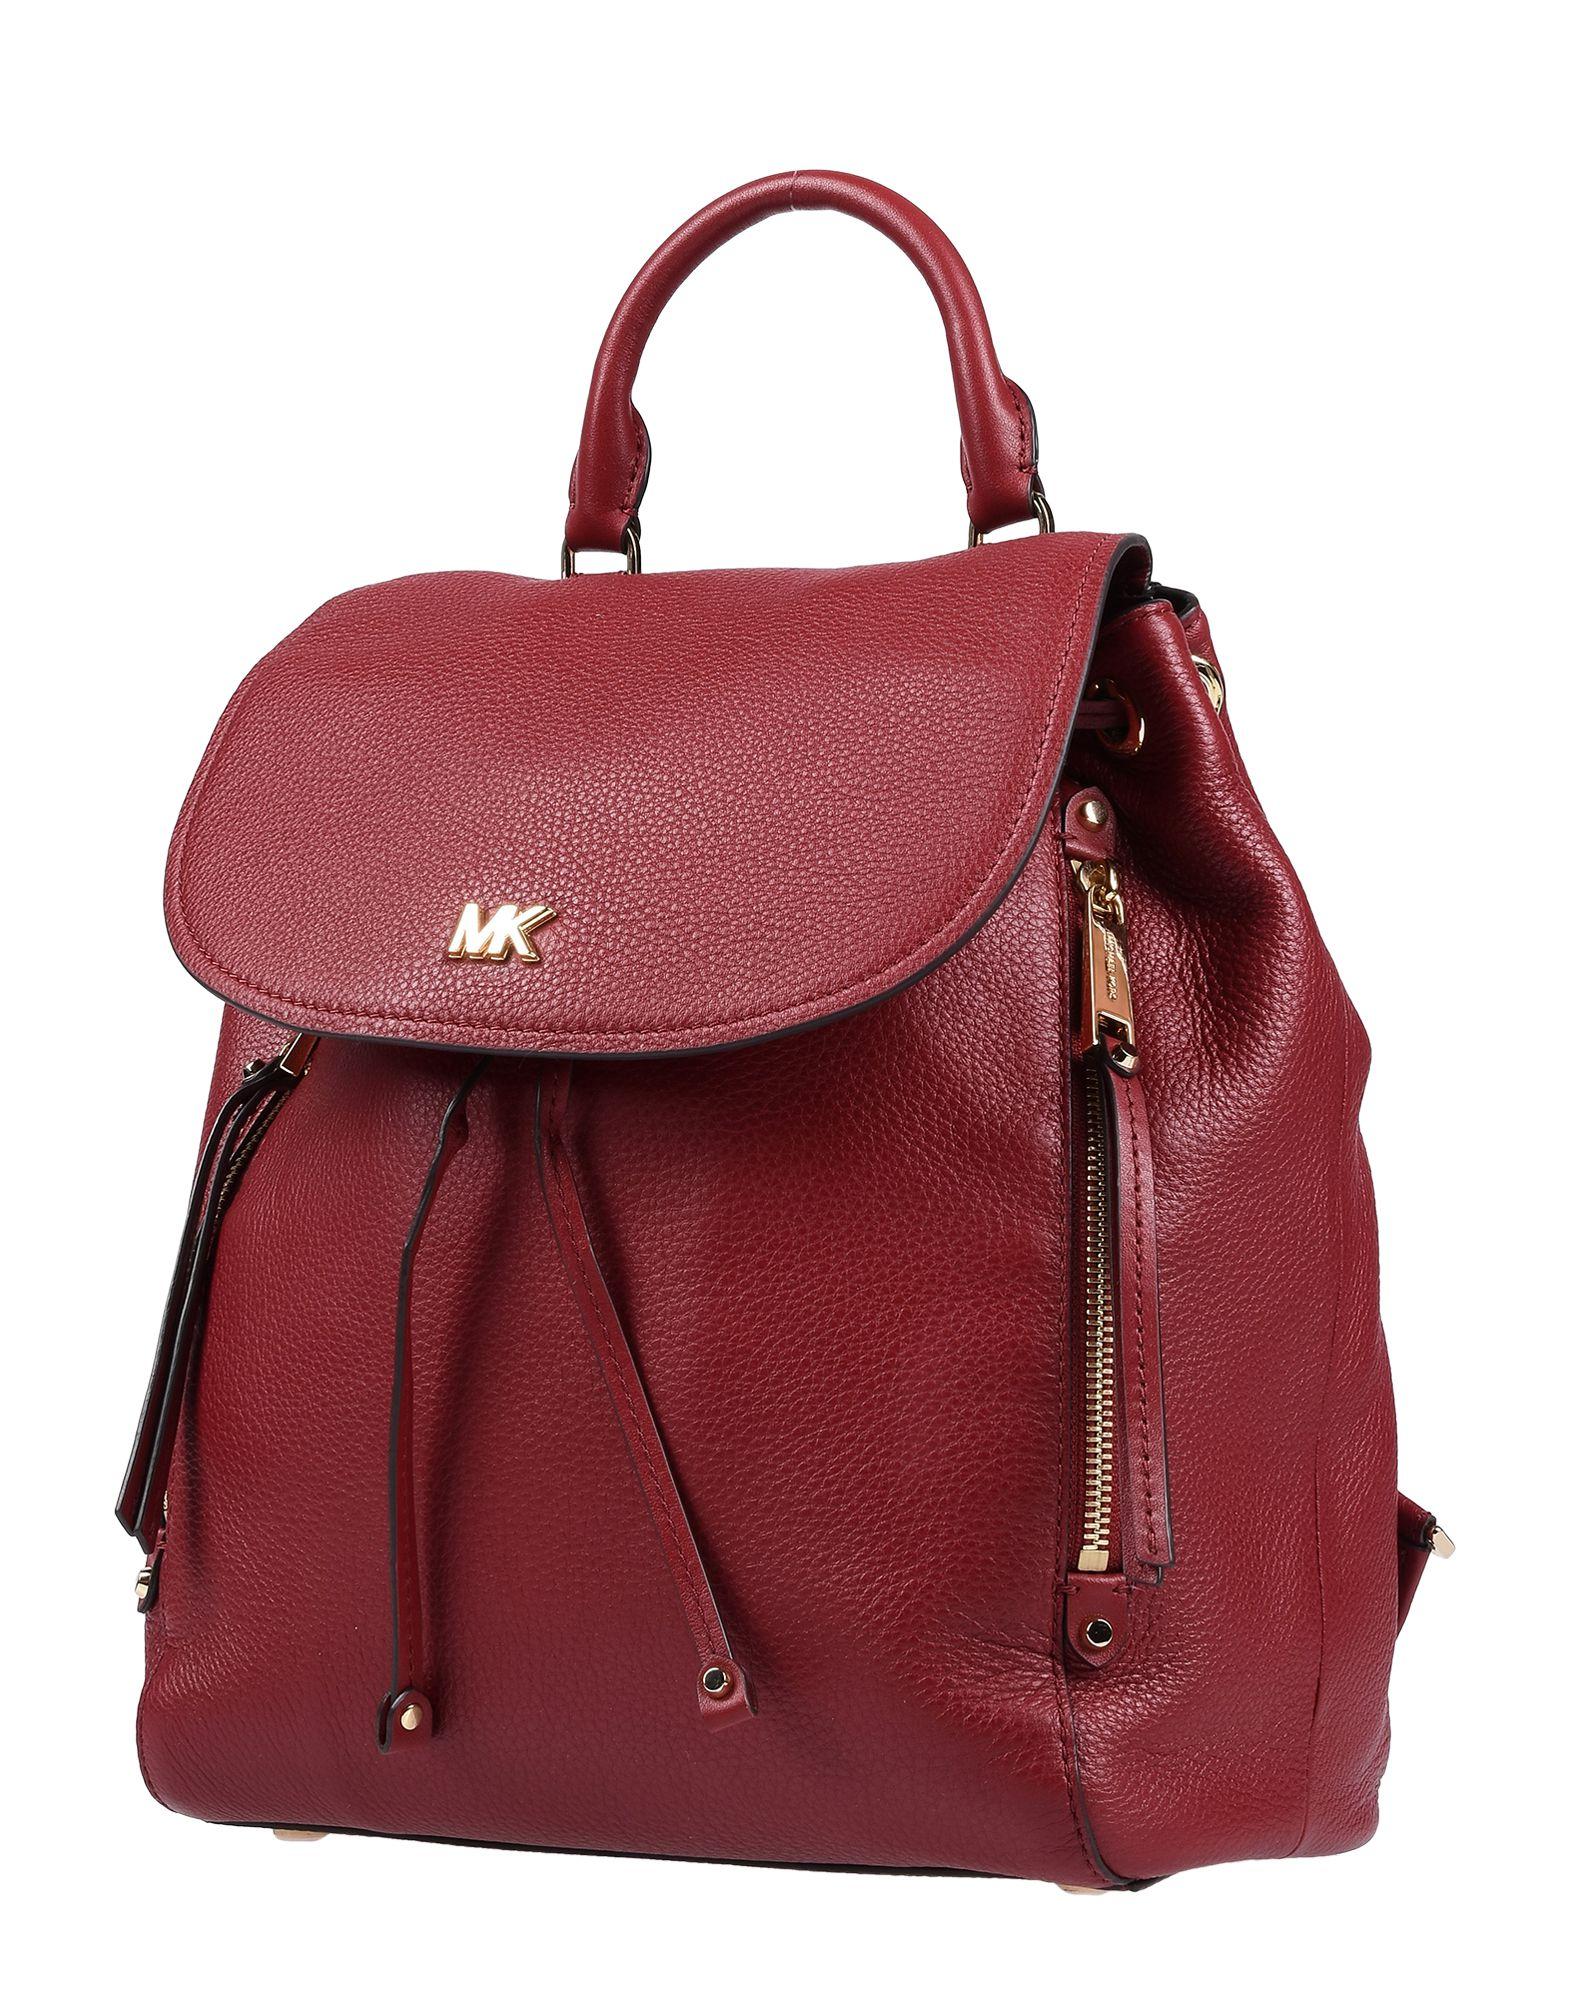 Фото - MICHAEL KORS Рюкзаки и сумки на пояс michael kors рюкзаки и сумки на пояс